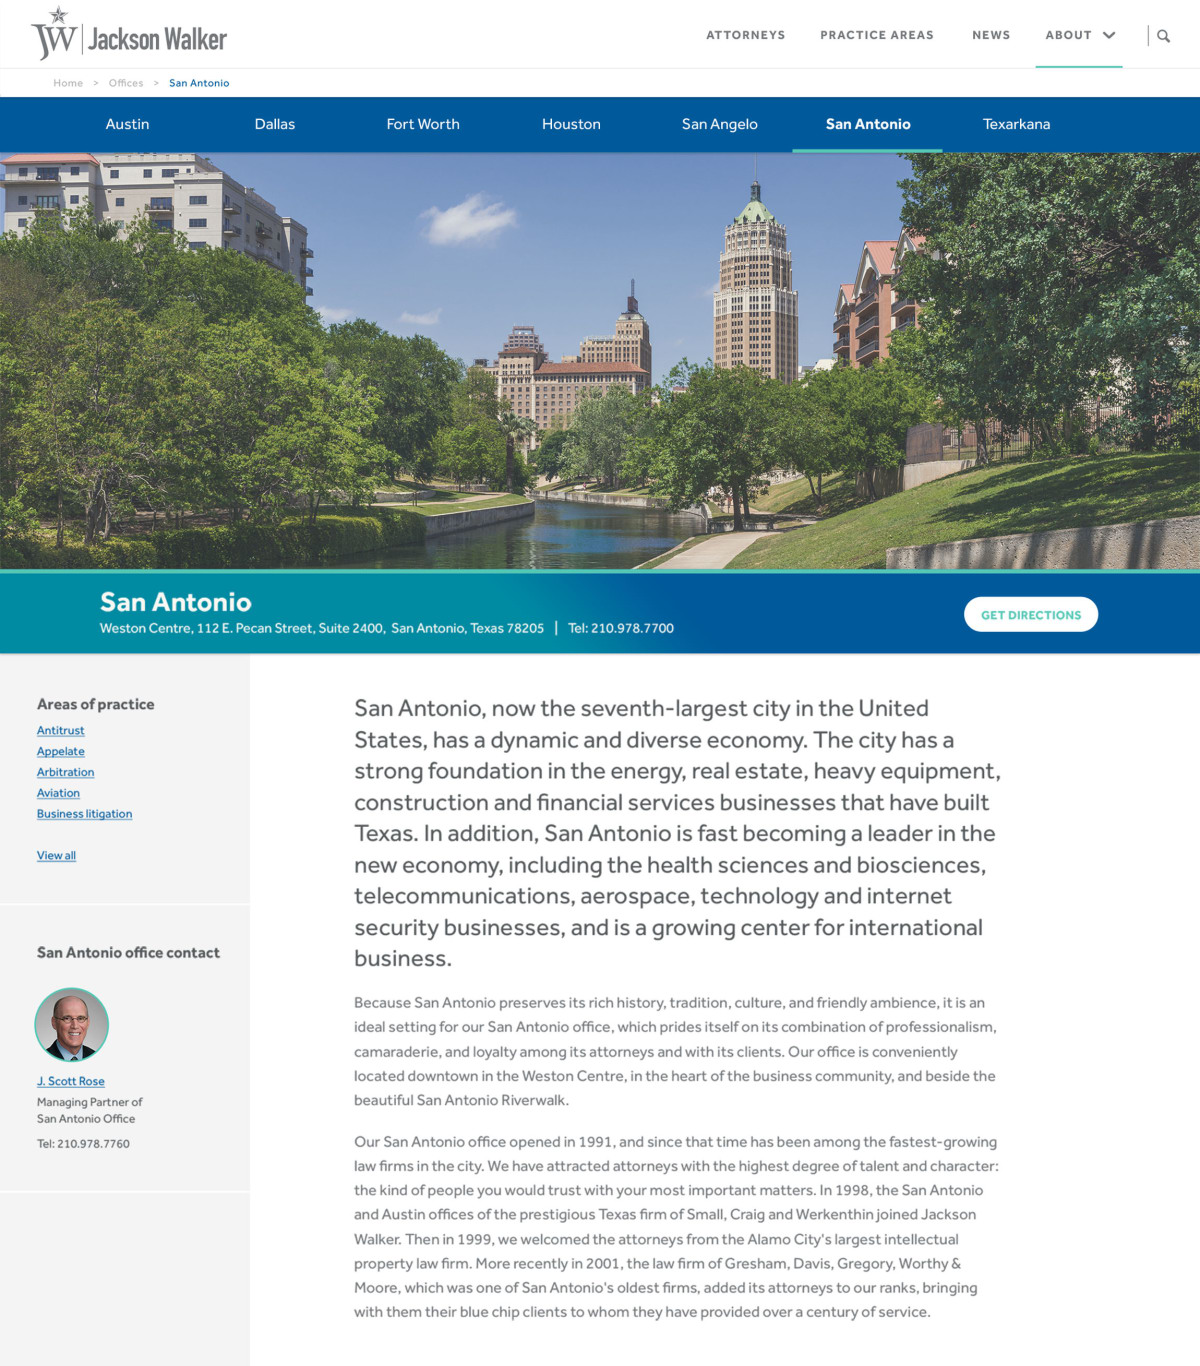 Jackson Walker office page